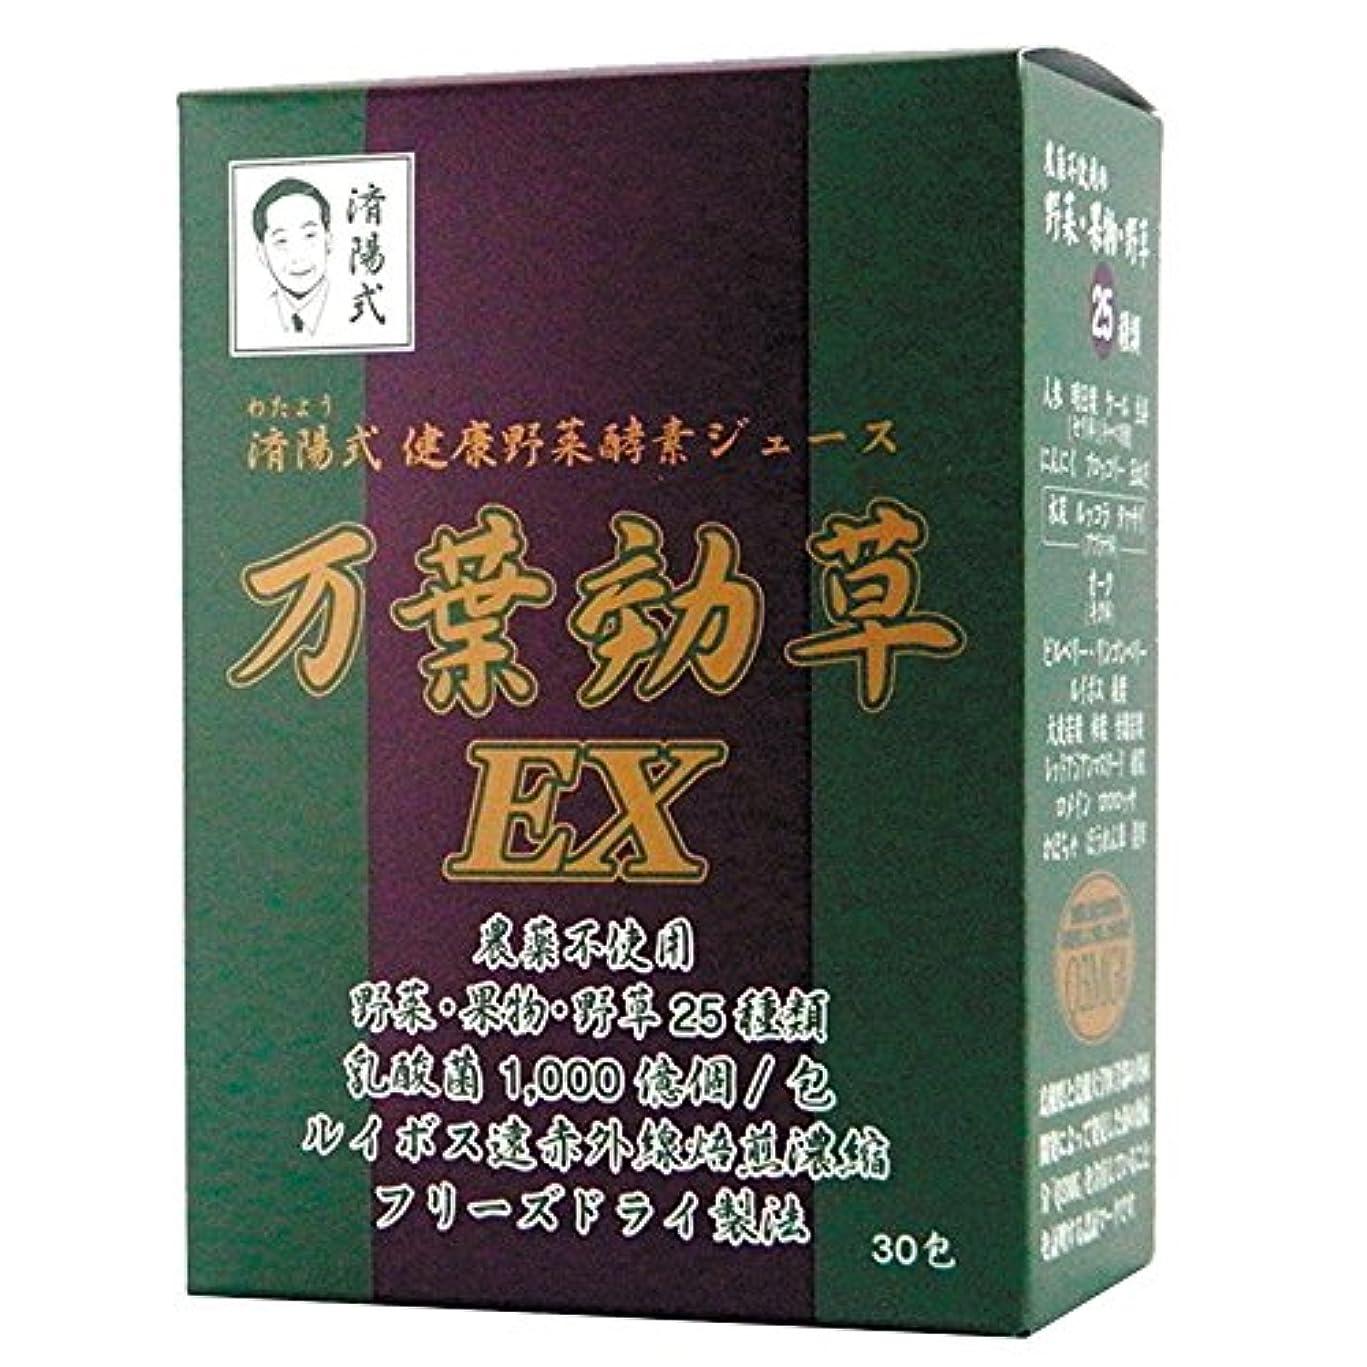 ホットマティスバストAIGエム 済陽式 健康野菜酵素ジュース 万葉効草EX